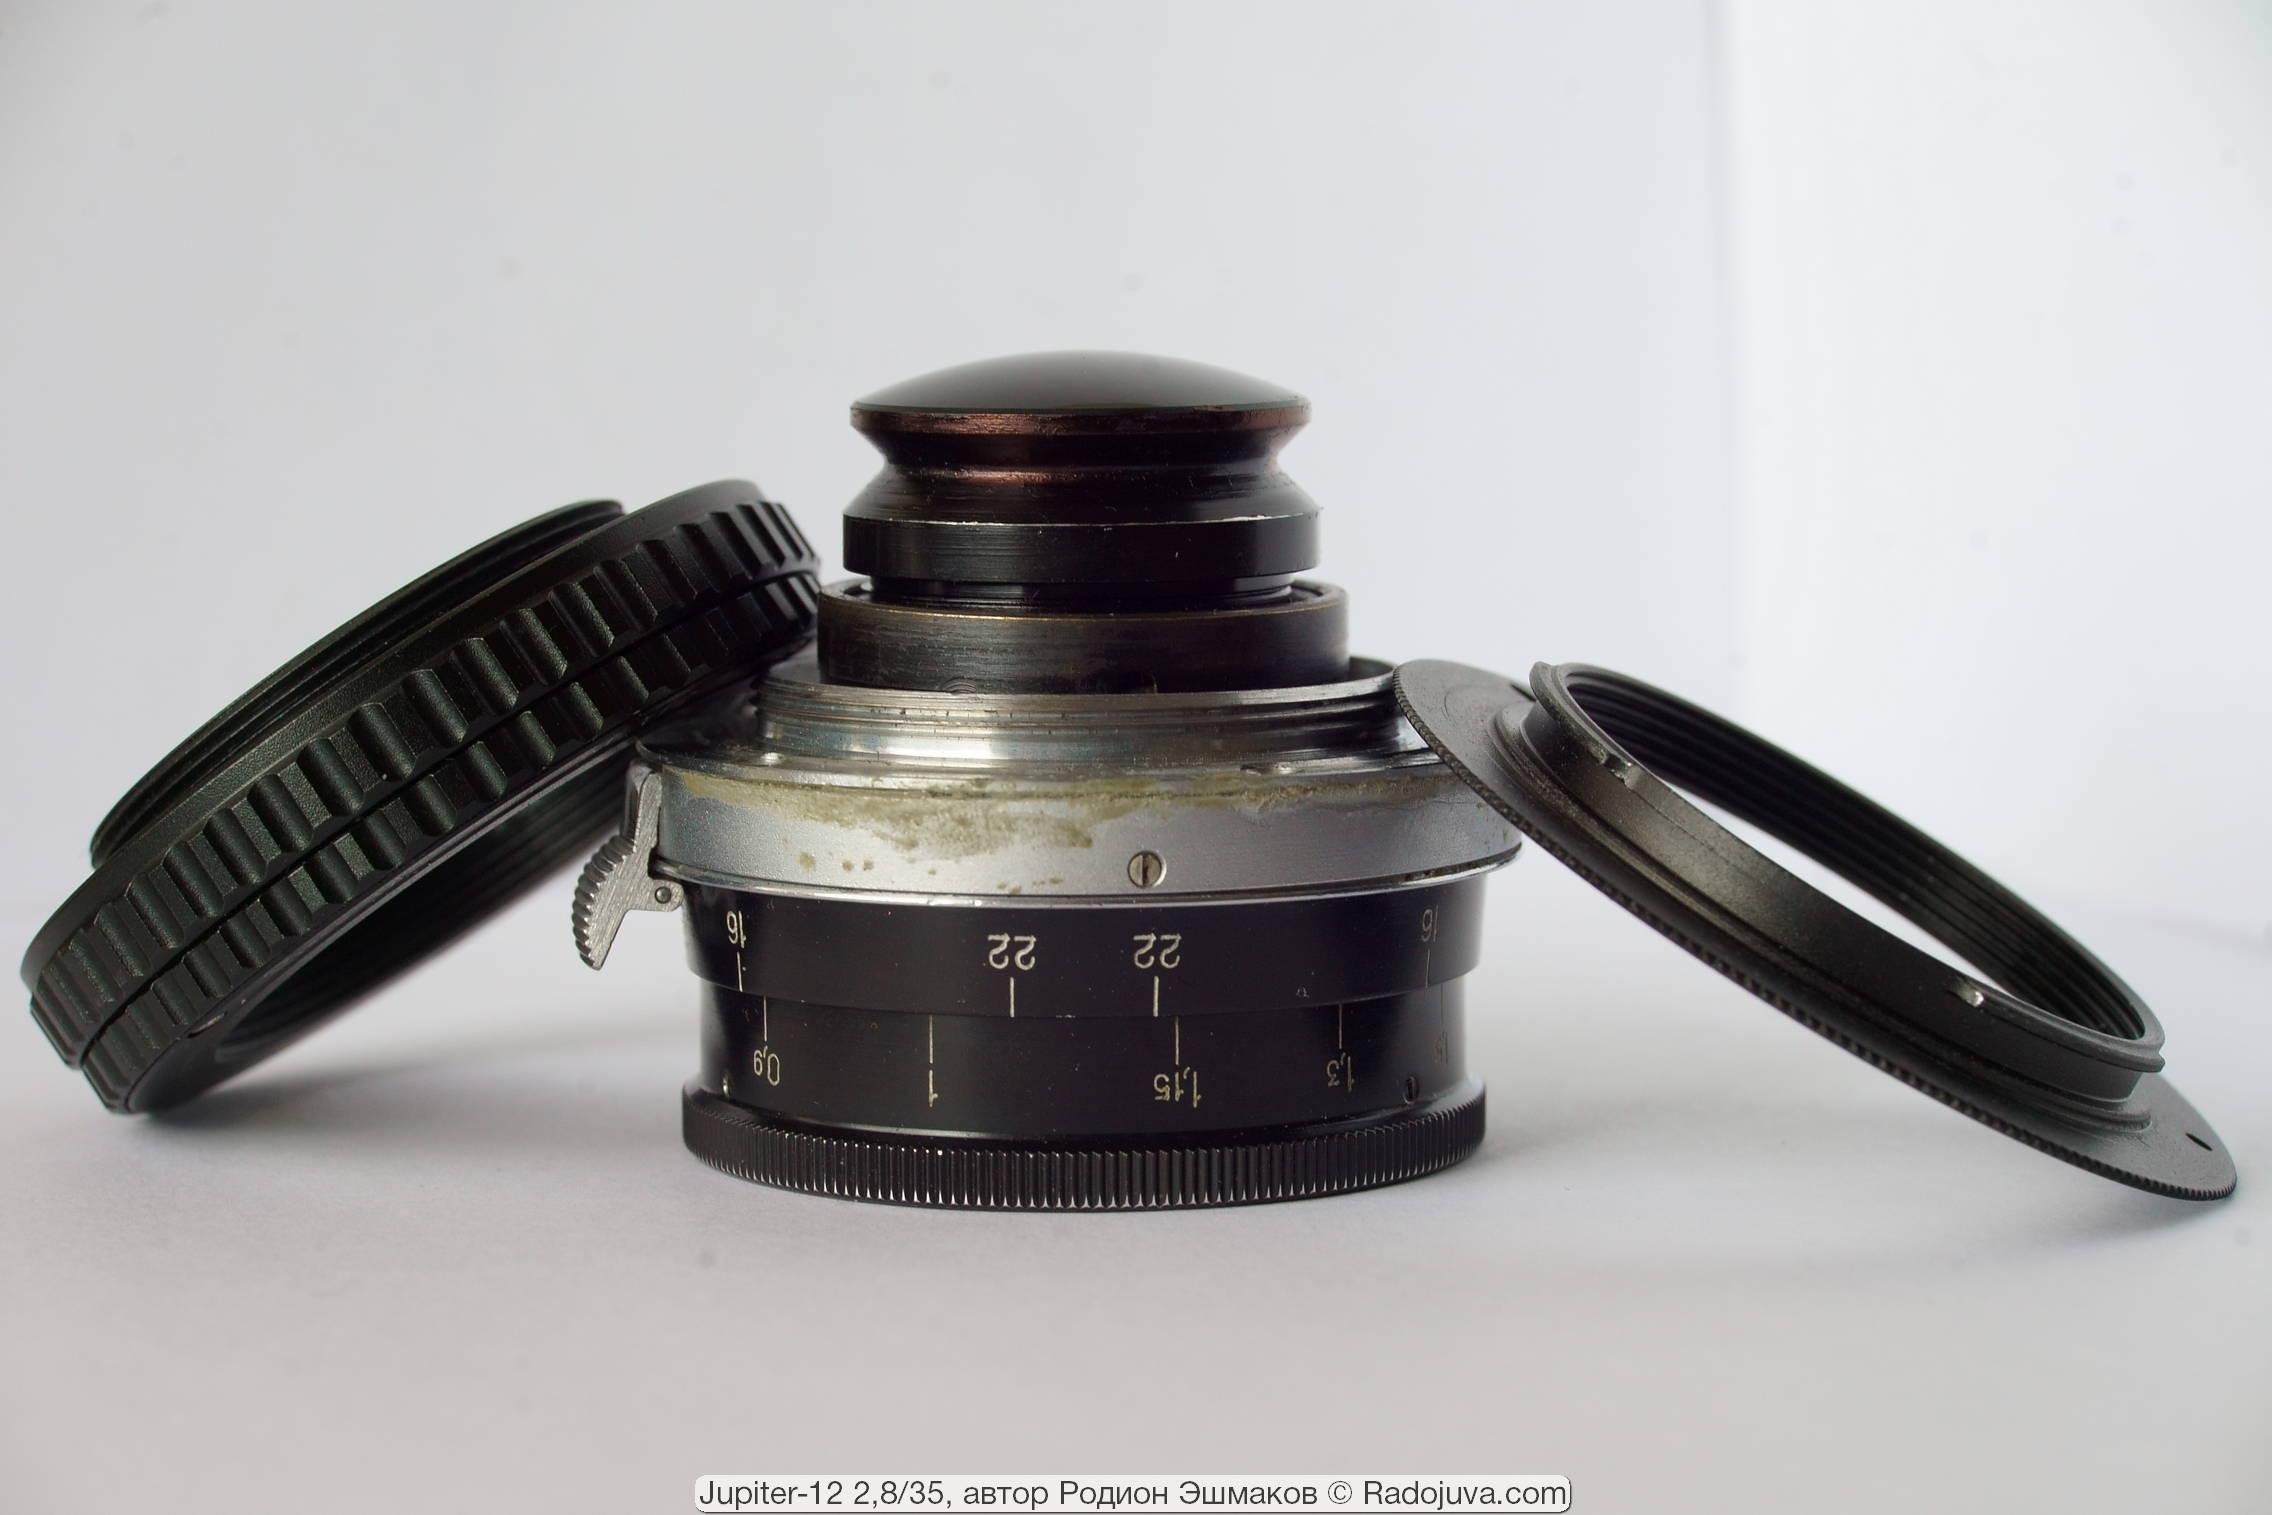 Юпитер-12 с наклеенным резьбовым кольцом и необходимые для использования макрогеликоид и переходник M42-NEX.